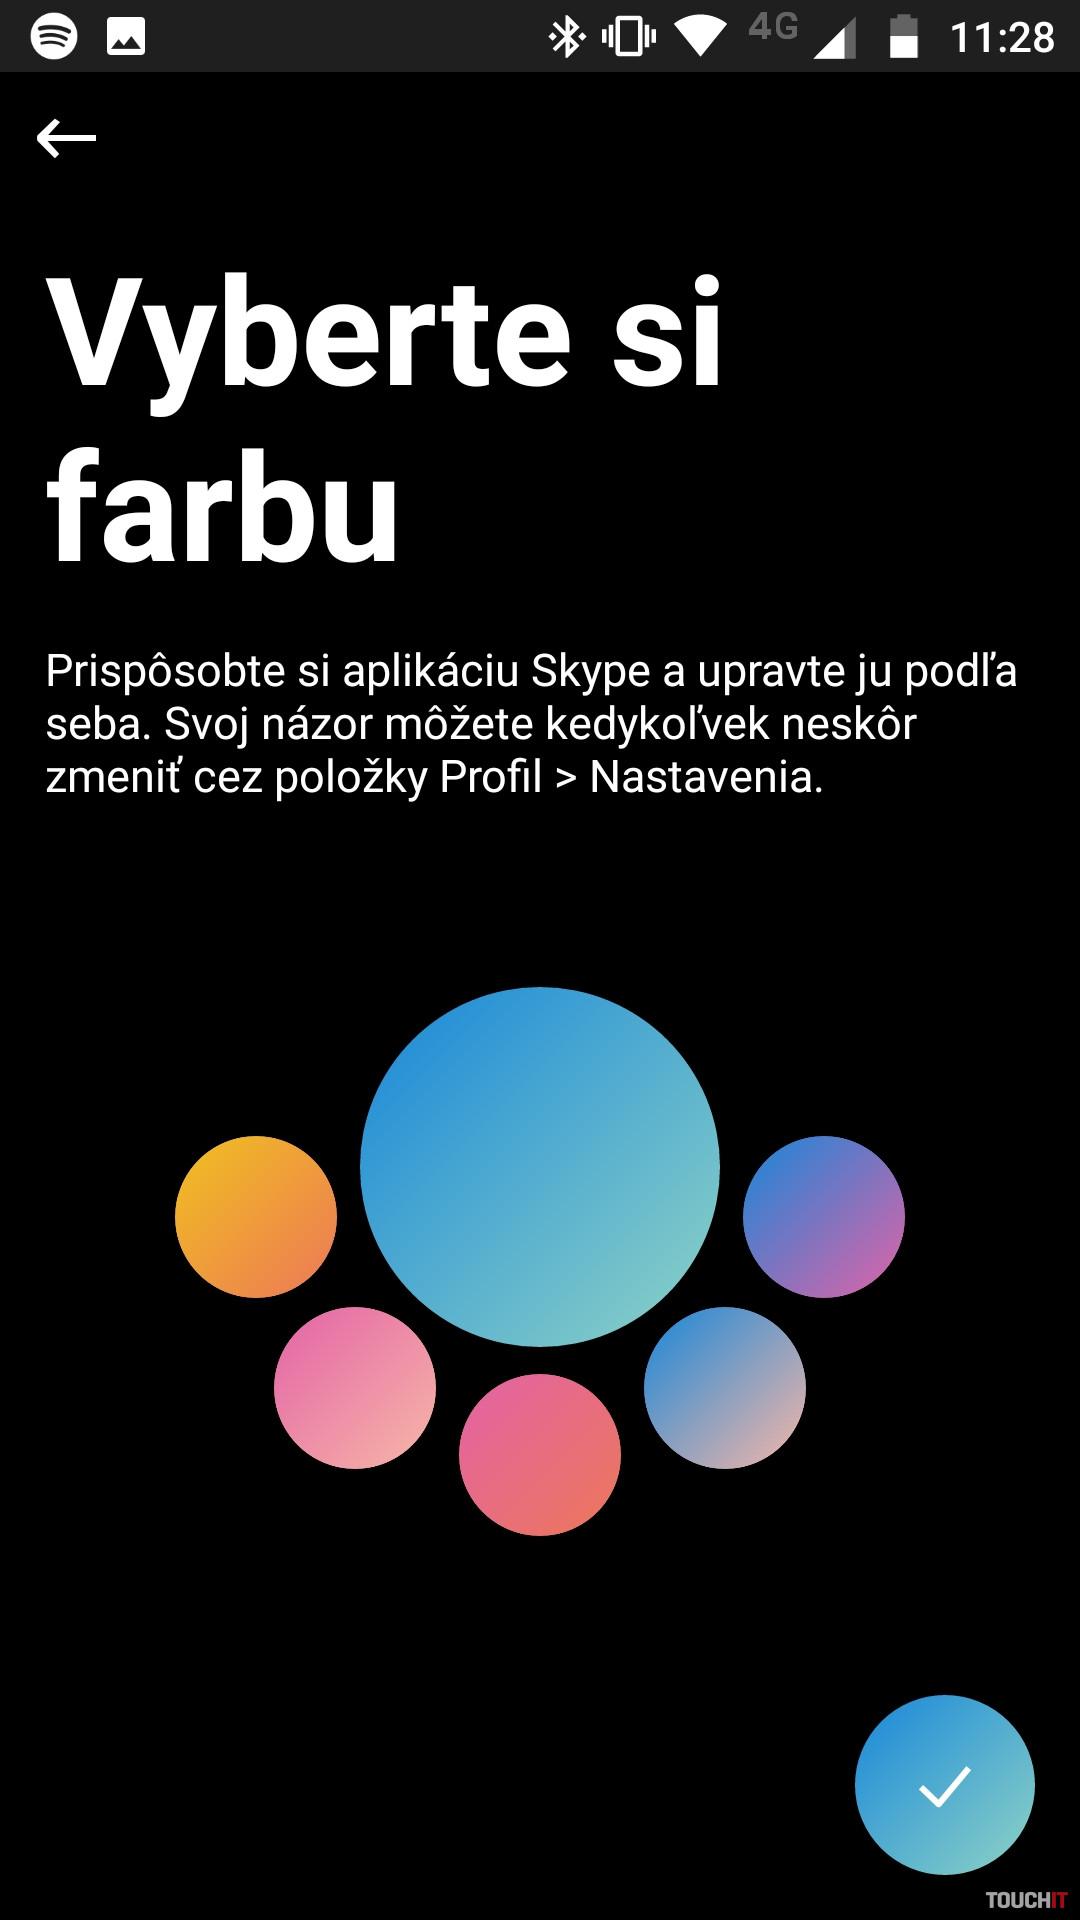 Prevod peaz - Posla peniaze online, payPal